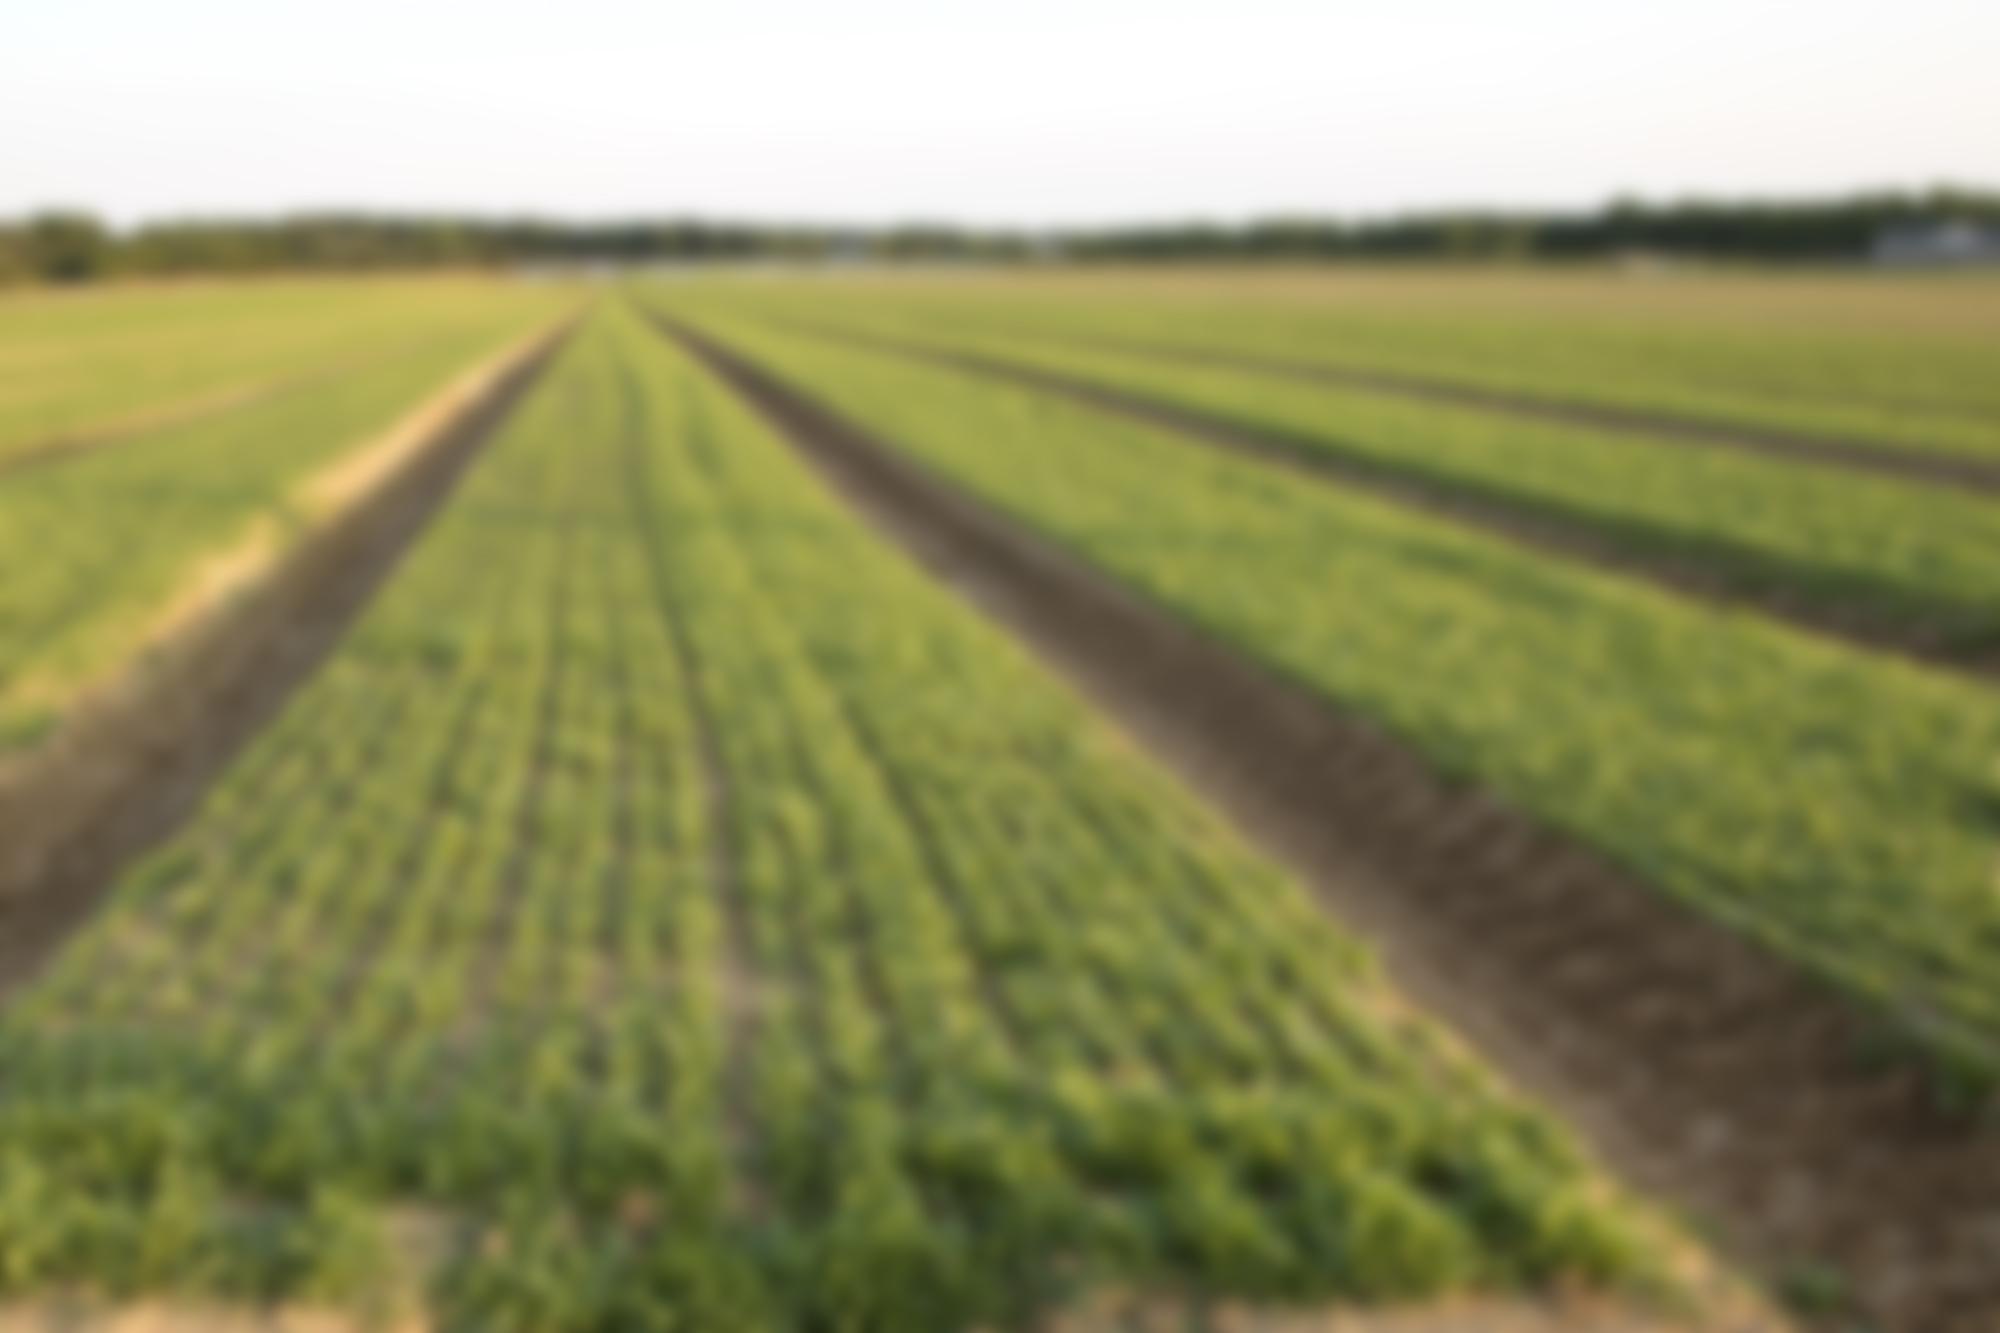 Staff NC Farmworker Health Program 2000x1333